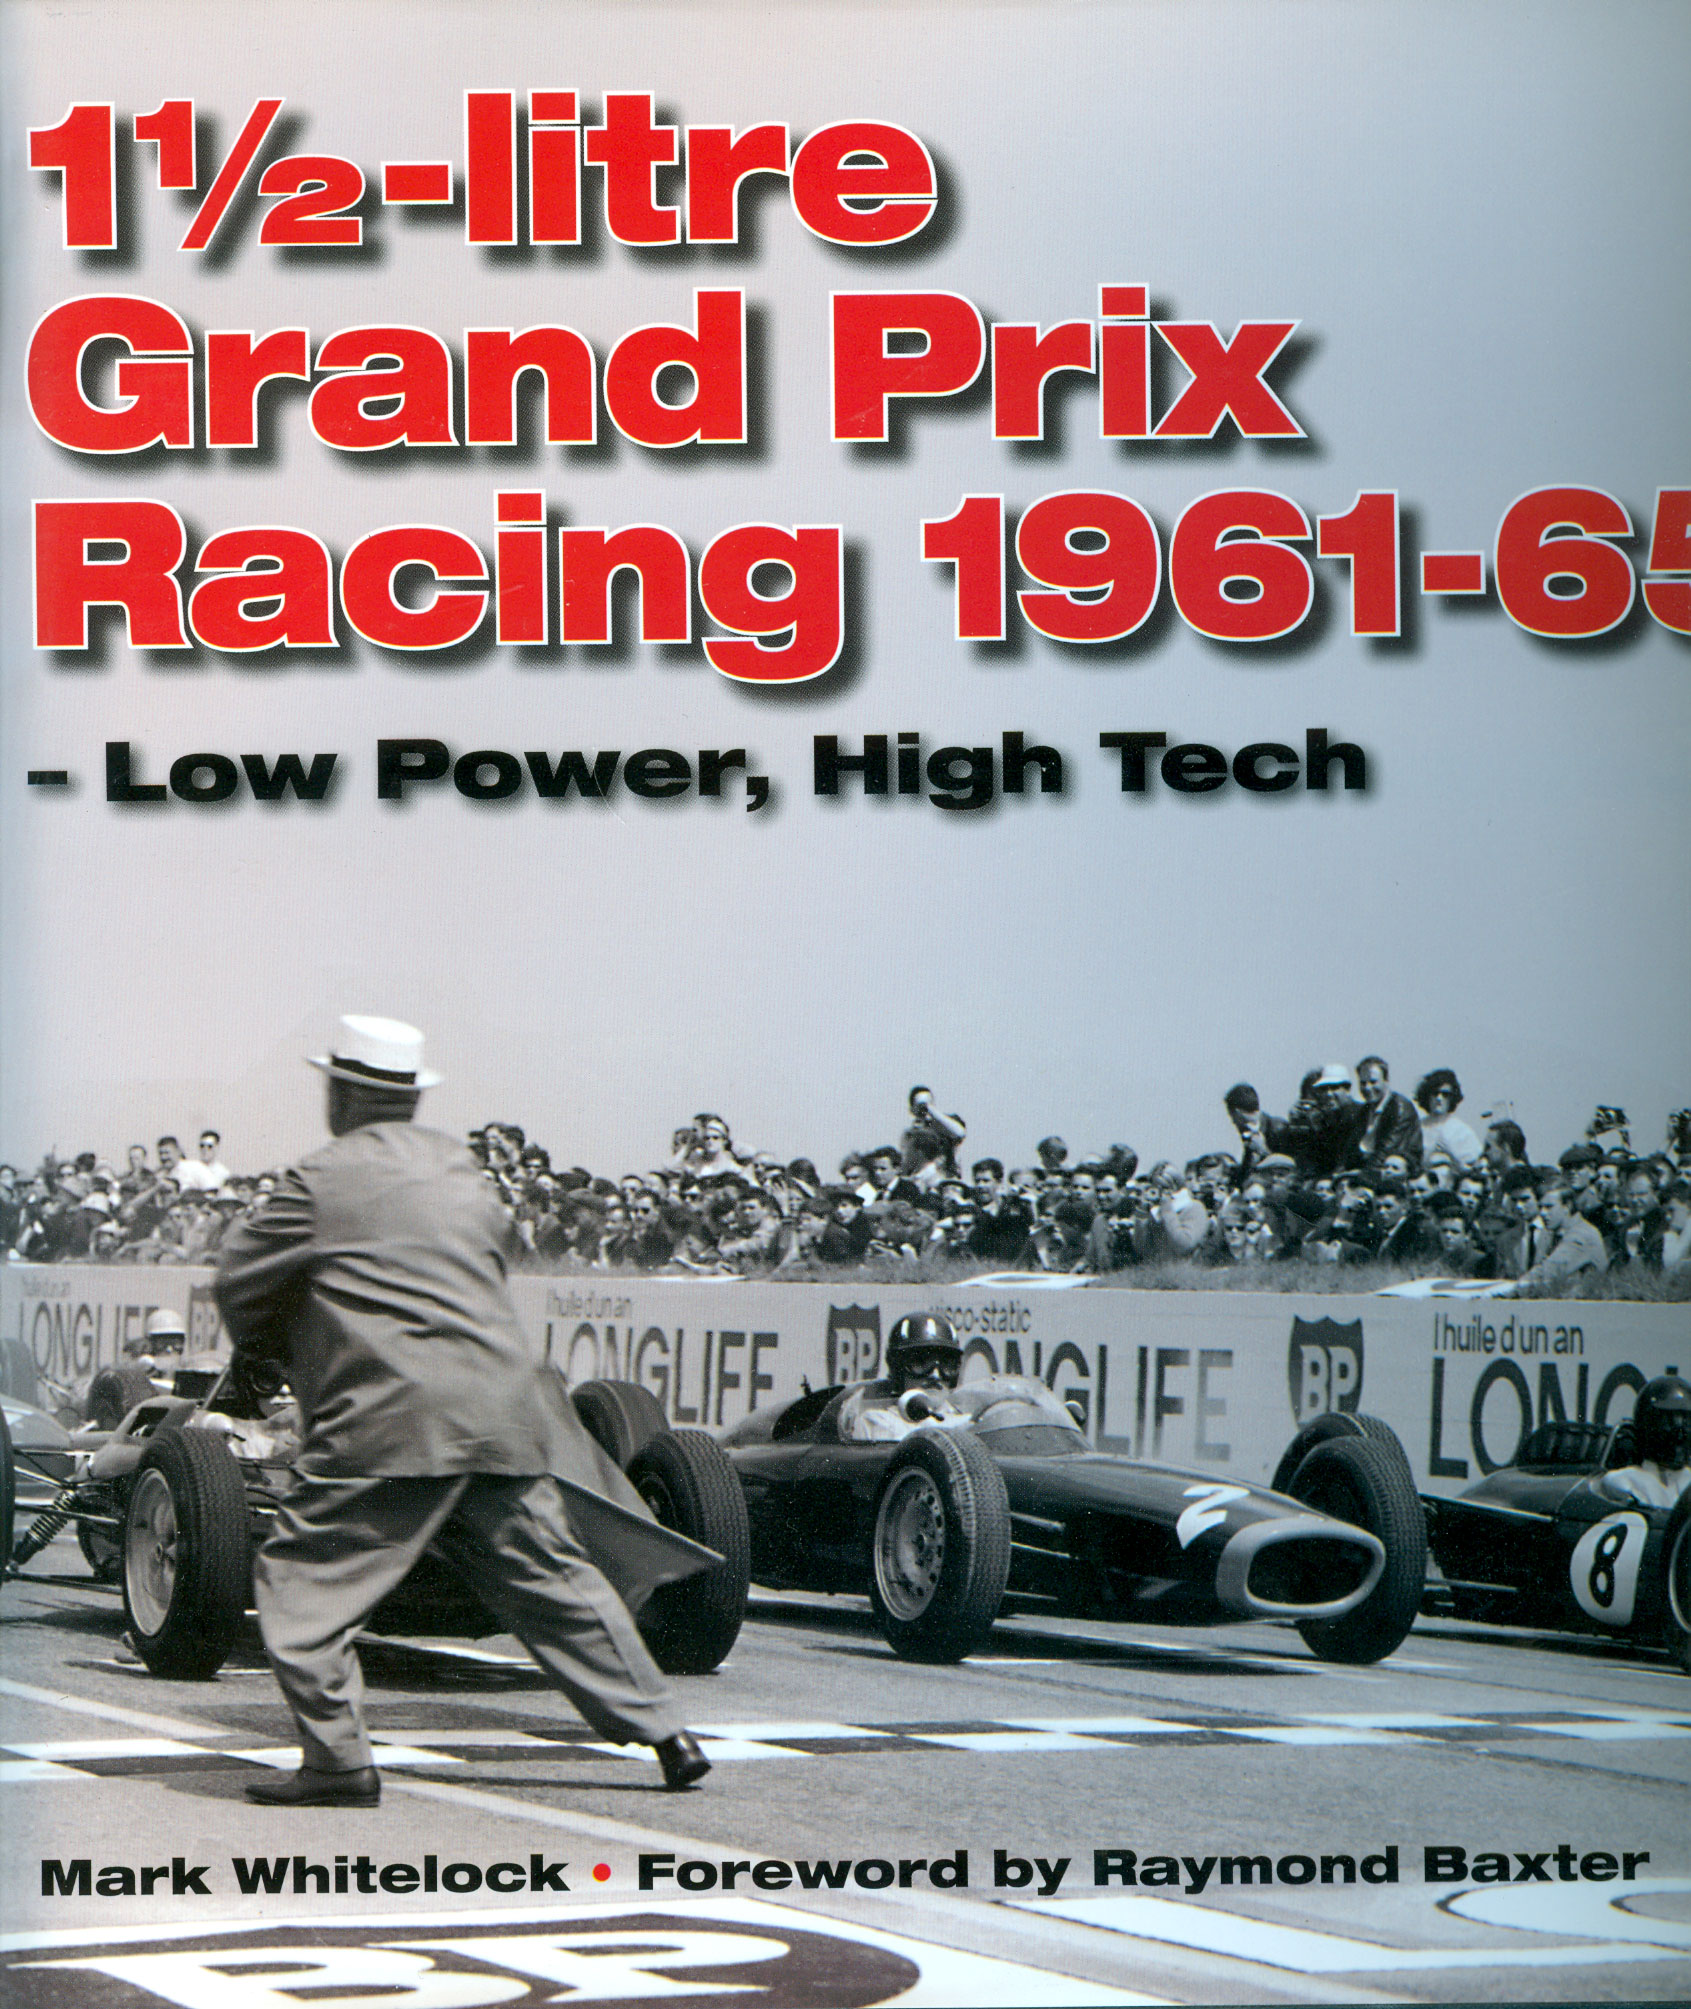 1 1/2-litre Grand Prix Racing